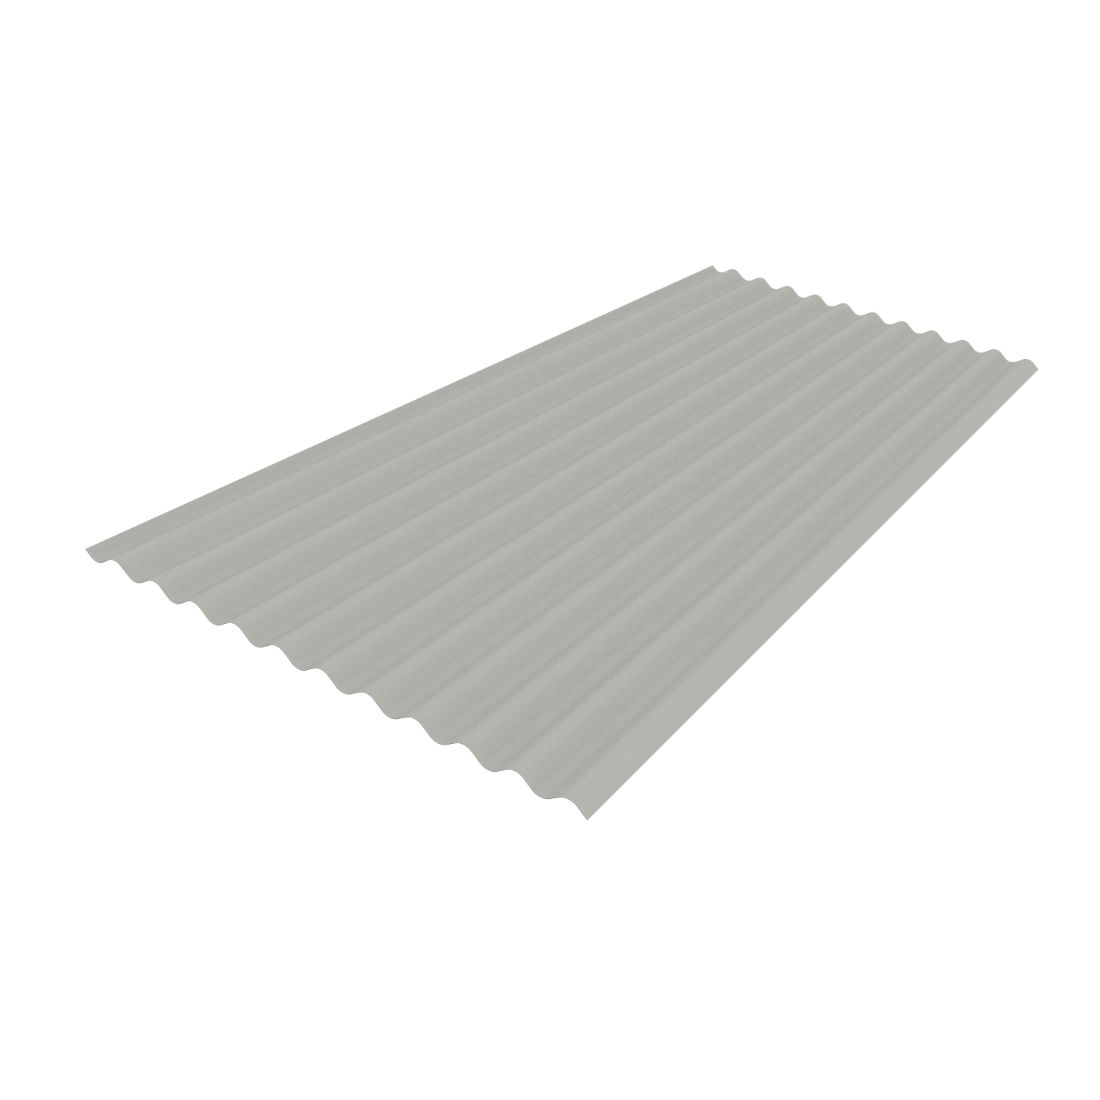 Corrugate Galvanised 0.40 BMT 1.8m